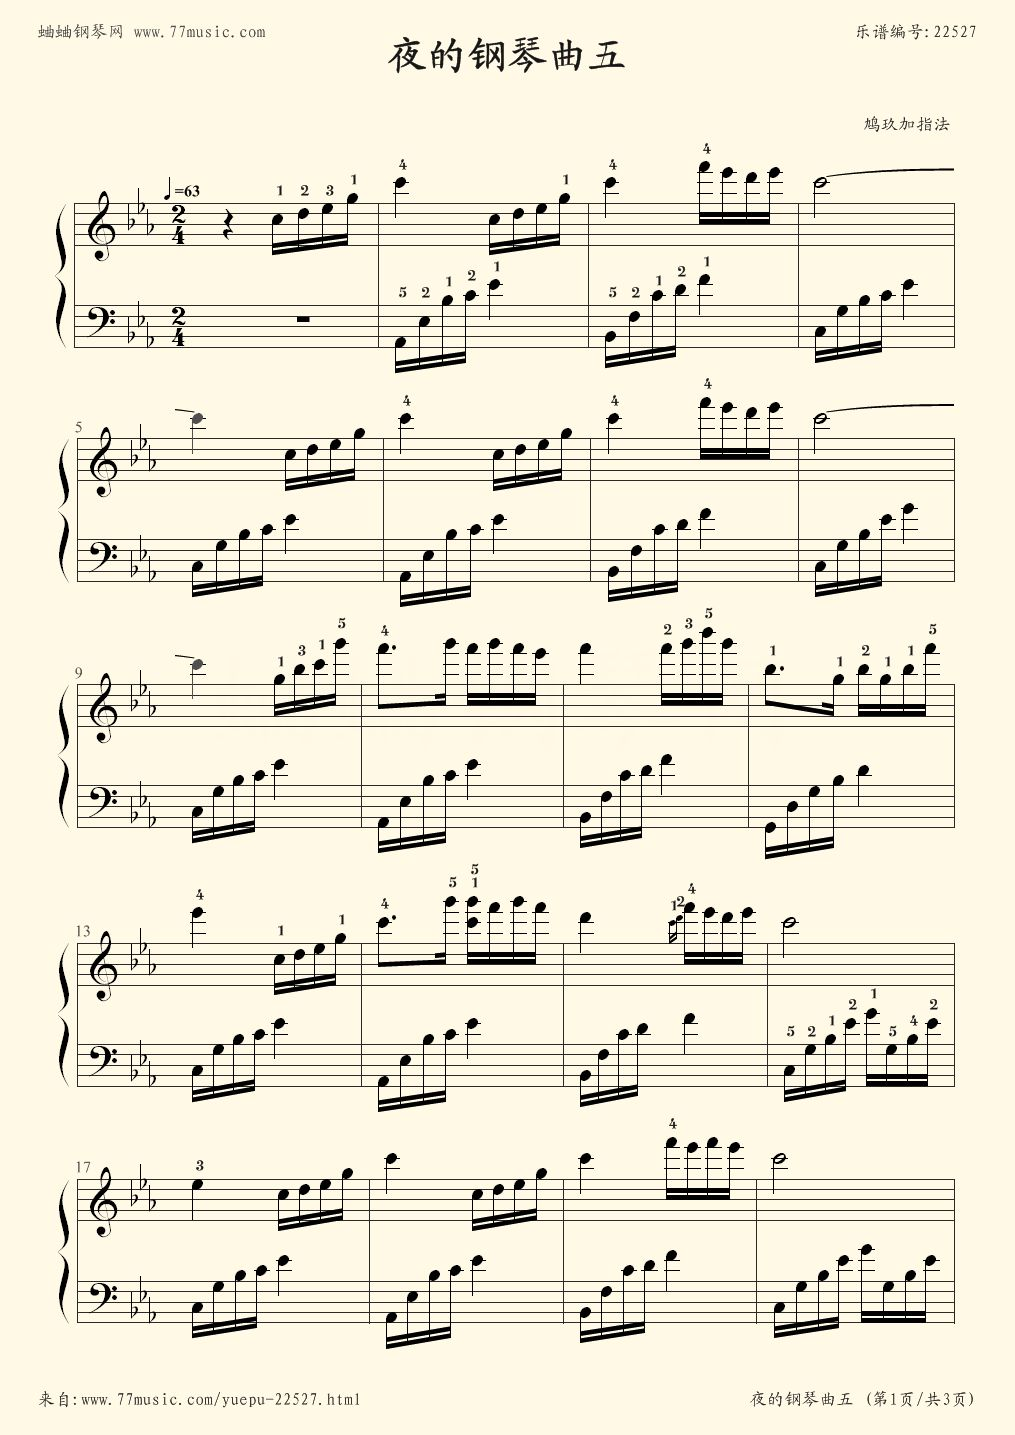 谁有《夜的钢琴曲五》钢琴谱 带指法的?